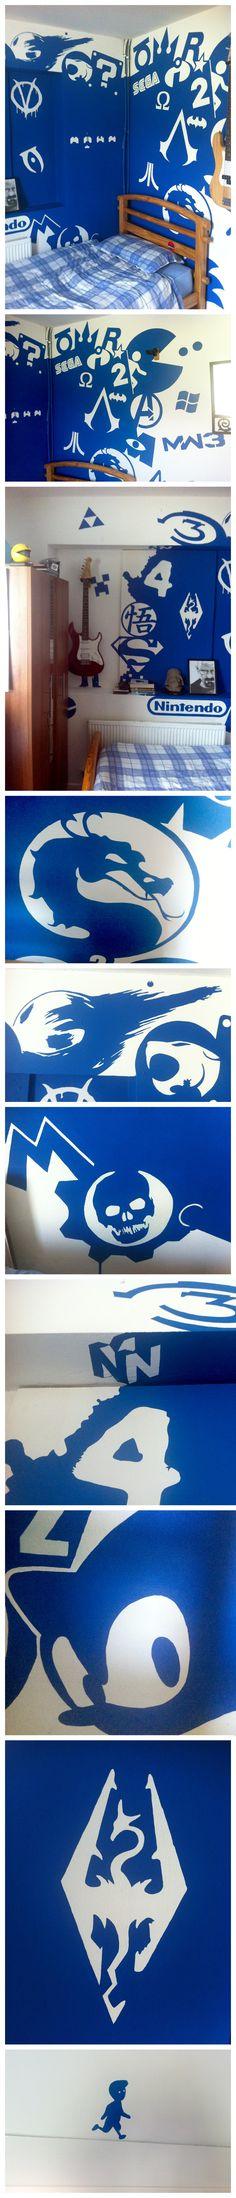 Gamer Geek Pop Culture collage mural. Bedroom painting by Reddit user nstens.